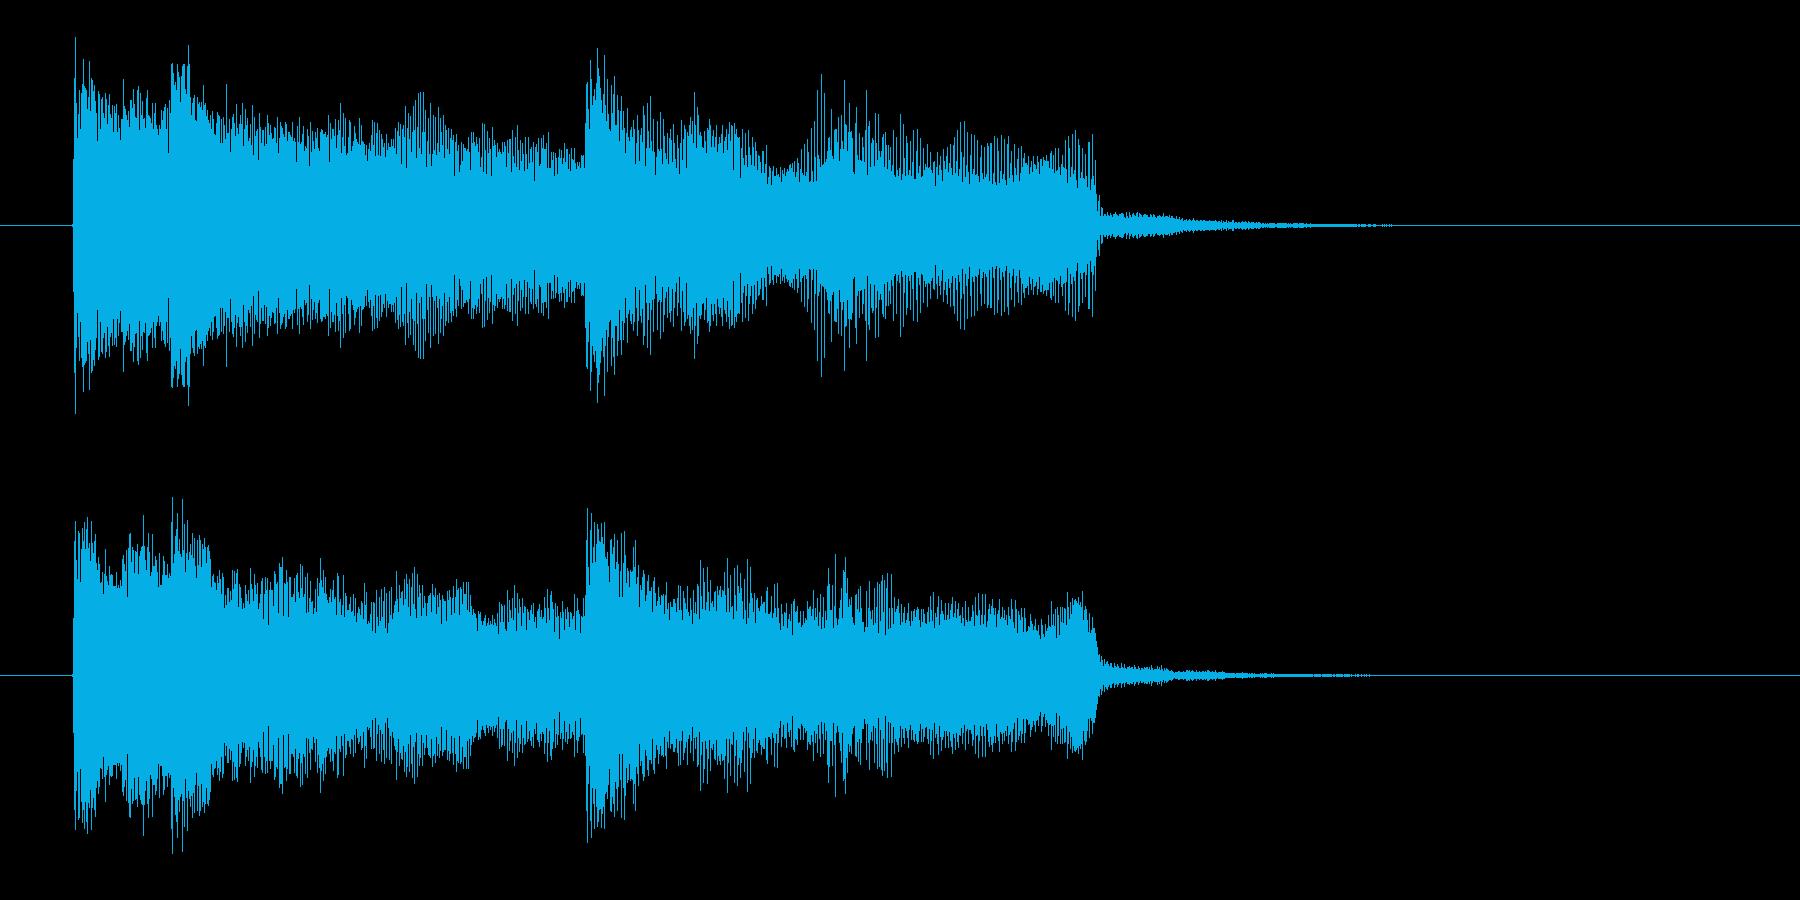 シンセとエレキのワイルドロックなジングルの再生済みの波形